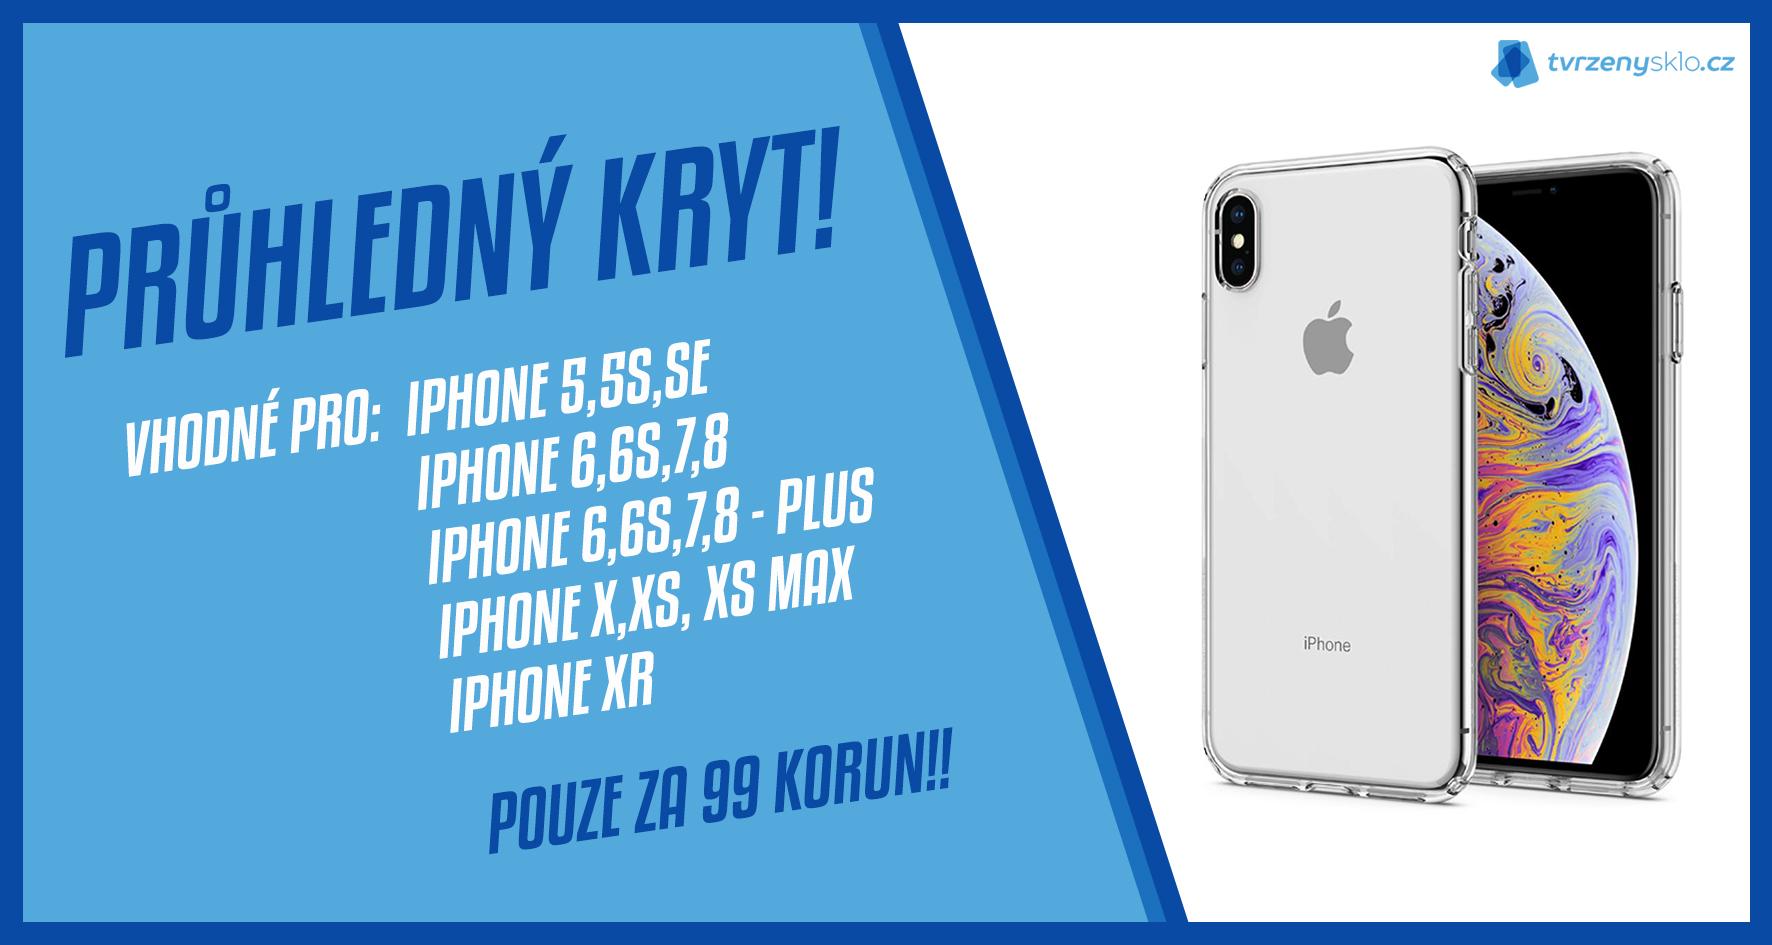 4e3808a61 Gumový průhledný kryt na iPhone za jedinečnou cenu 99 korun